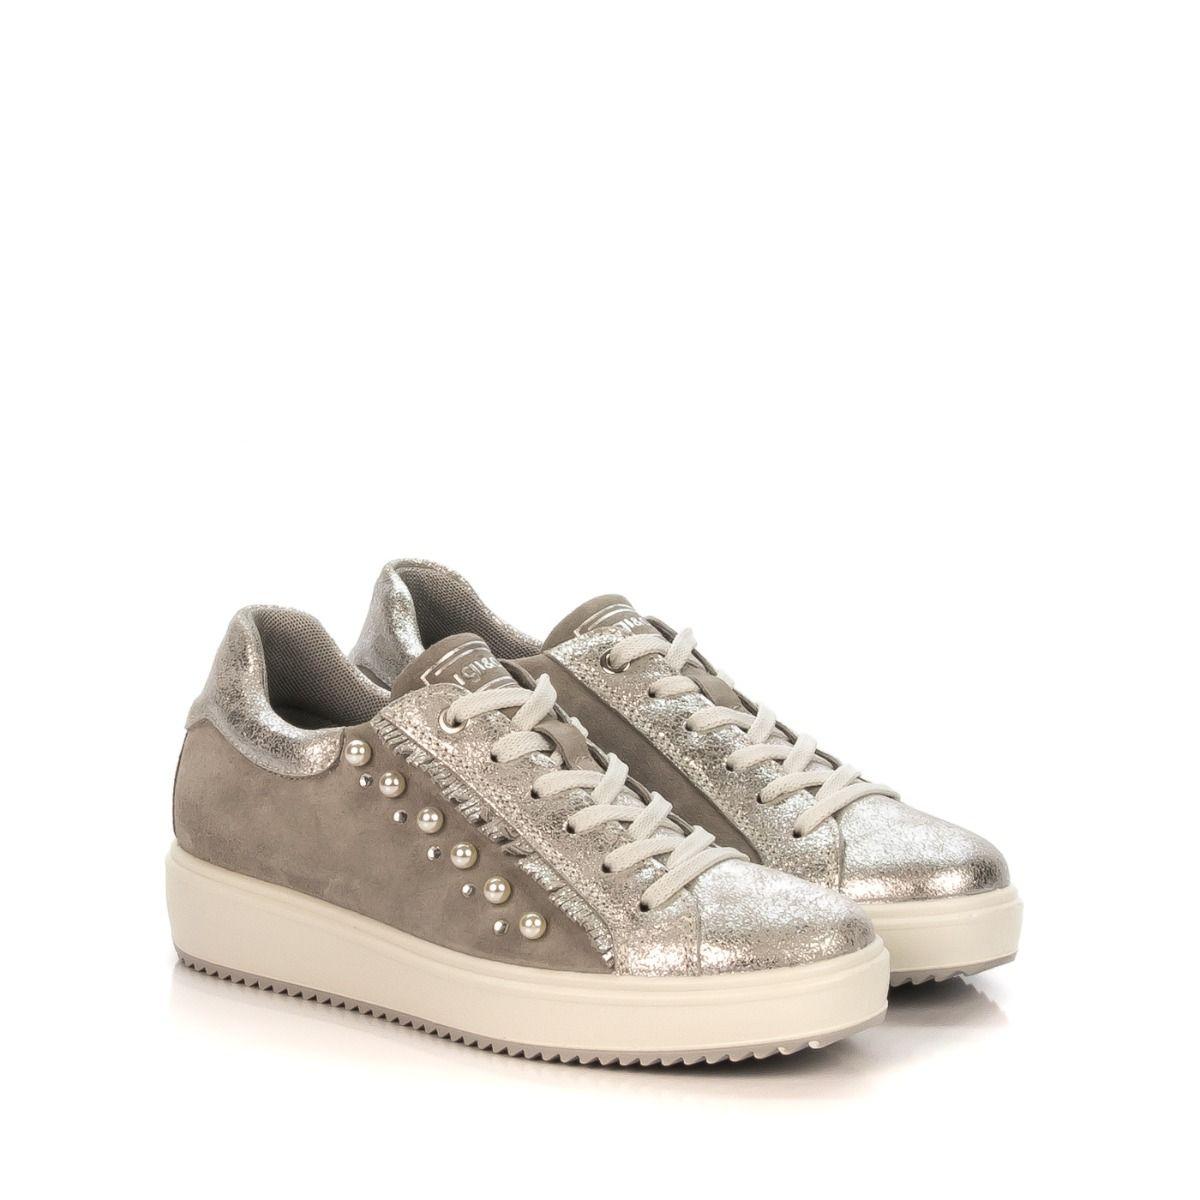 Sneakers da donna zeppa 11487-22 IGI CO pelle e camoscio grigio laminato con  perle  814d3146f18